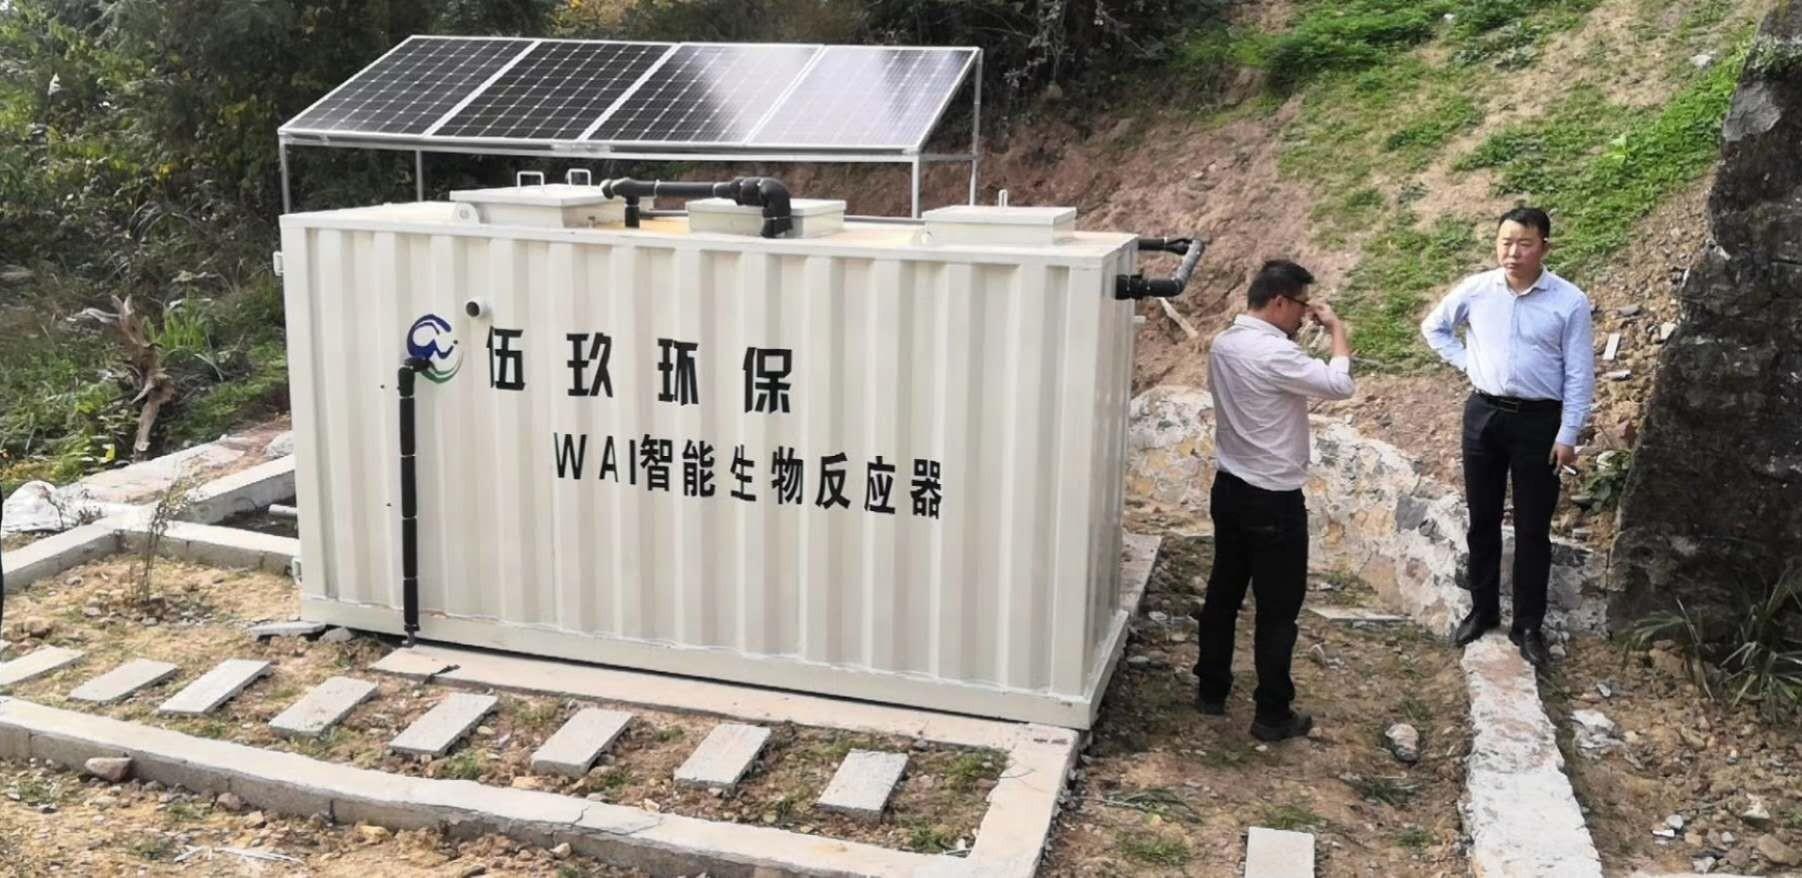 湖北宜昌市兴山县贺家坪安置小区光伏能源+WAI智能生物反应器德赢国际平台手机版项目